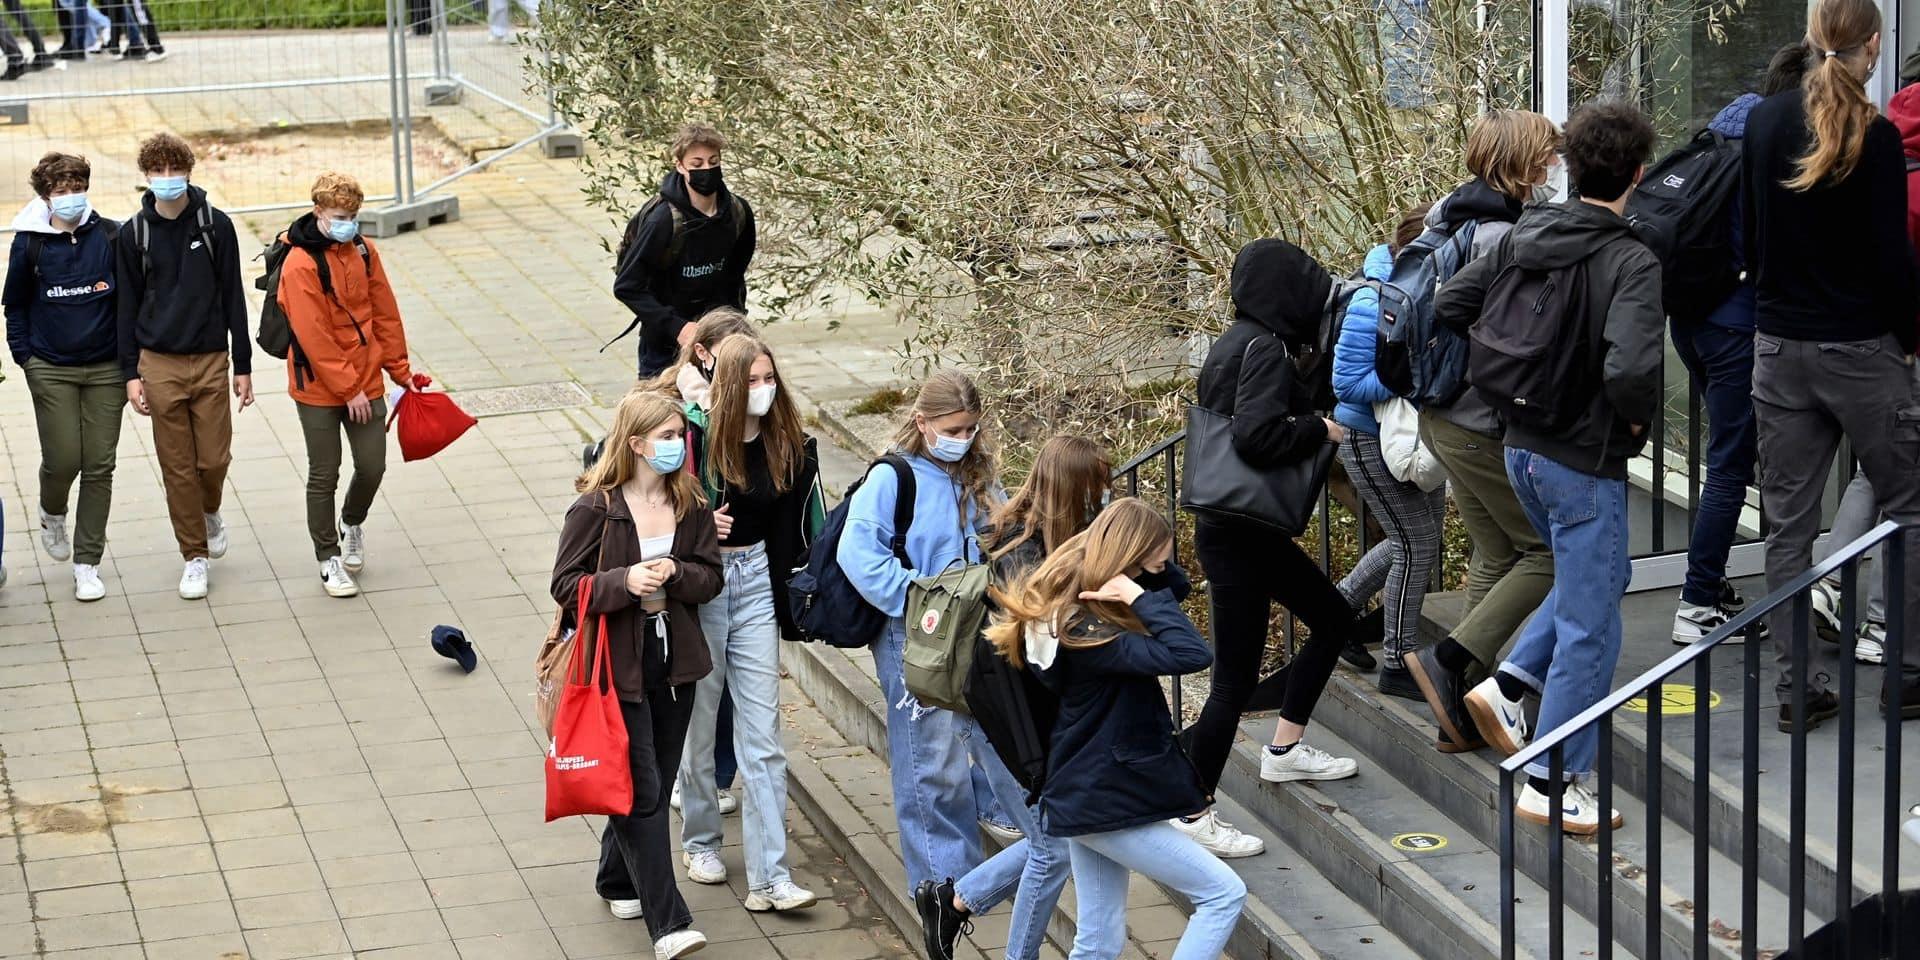 Le port du masque ne sera plus obligatoire dès le 1er octobre dans l'enseignement secondaire flamand